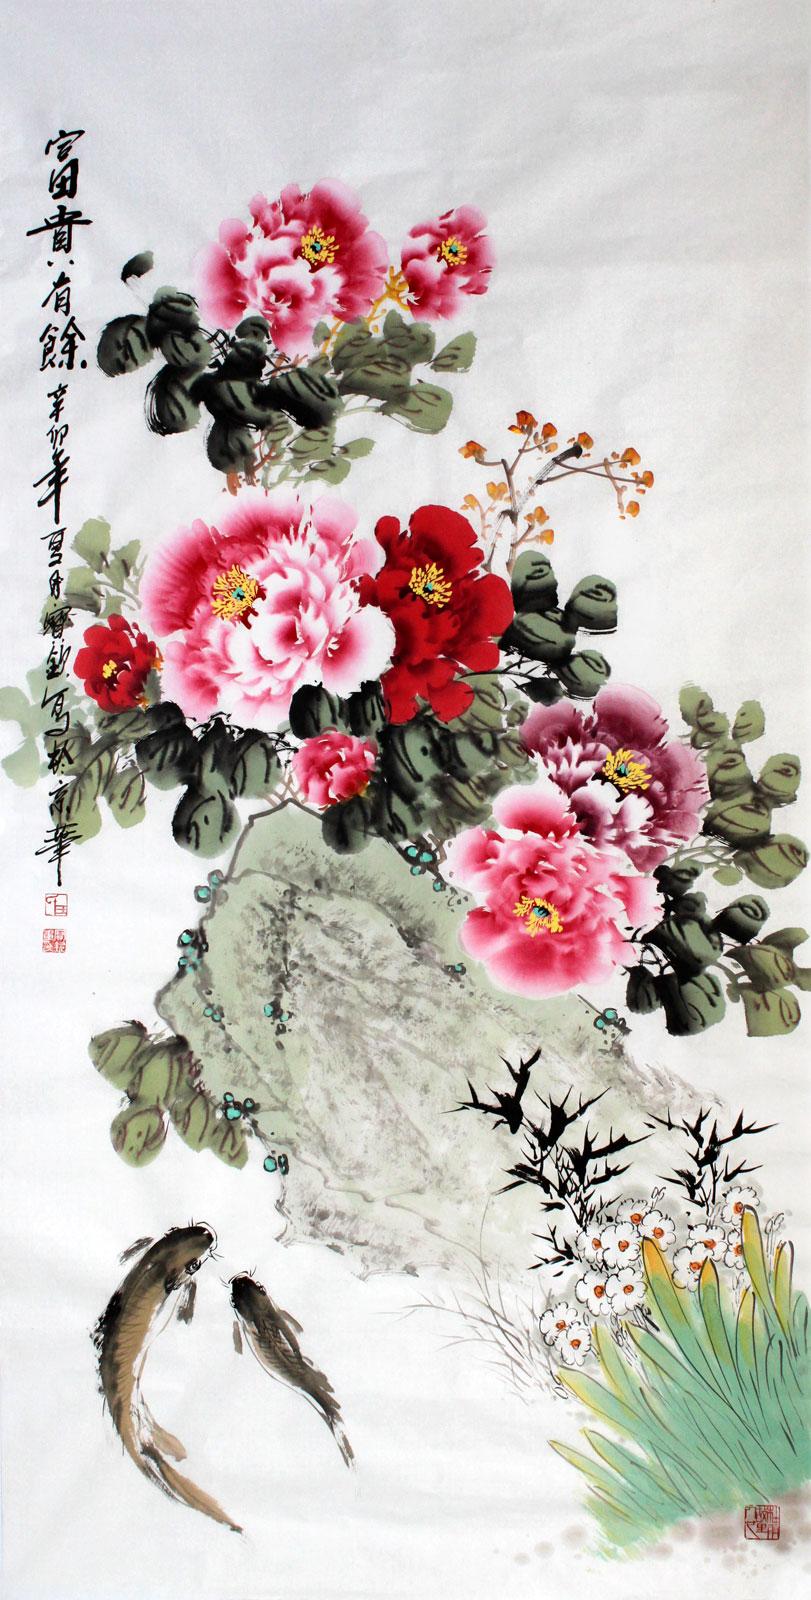 名家王宝钦国画牡丹 富贵有余 牡丹画